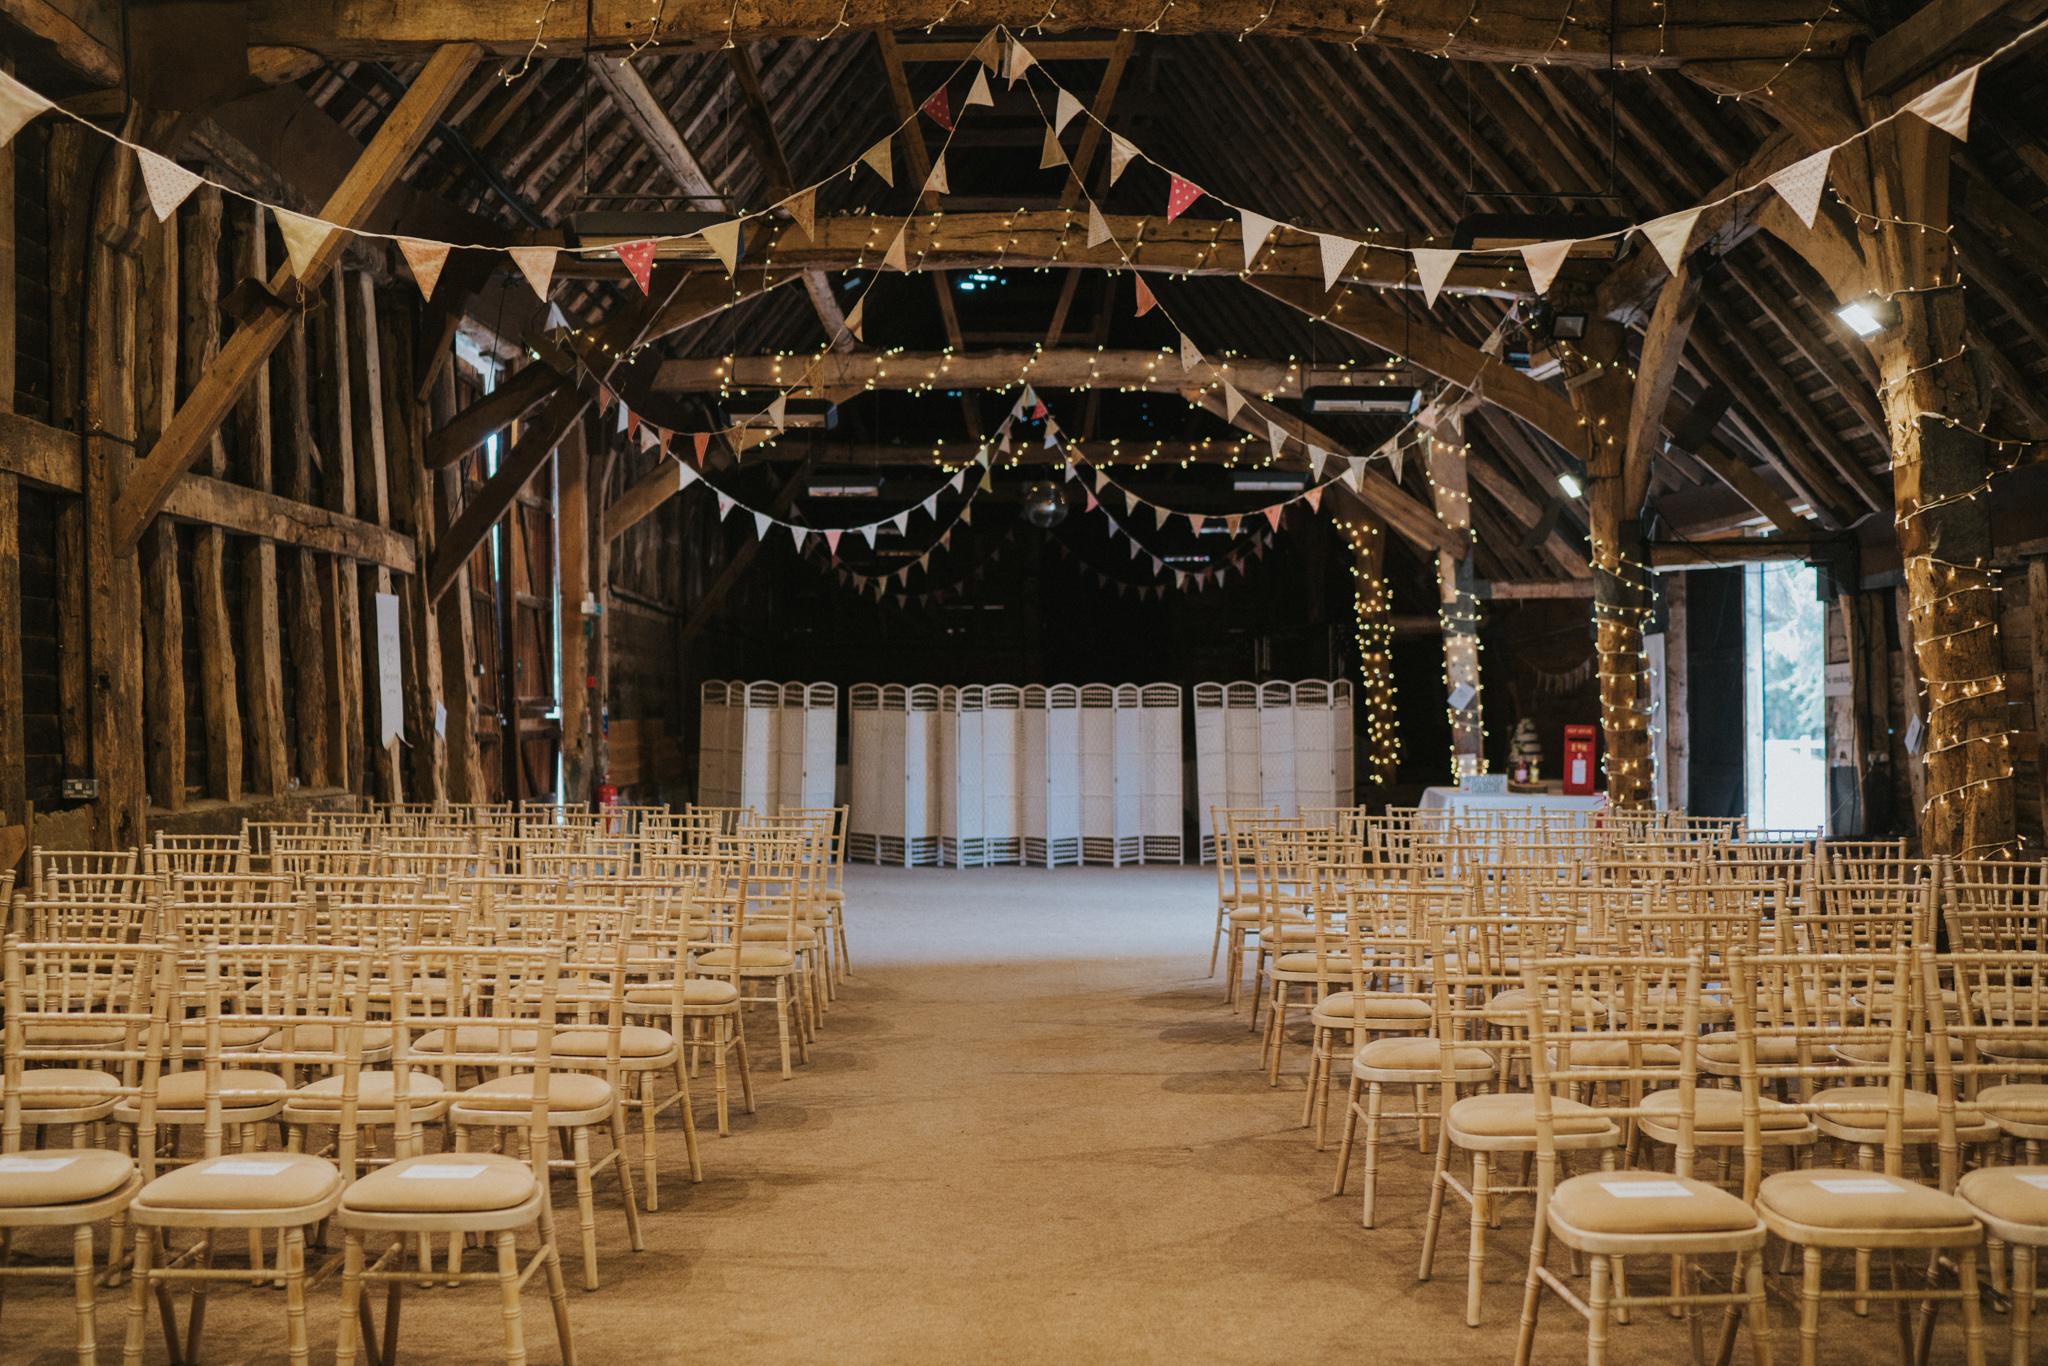 karen-tony-blackthorpe-barn-diy-wedding-grace-elizabeth-colchester-essex-alternative-wedding-lifestyle-photographer-essex-suffolk-norfolk-devon (7 of 35).jpg